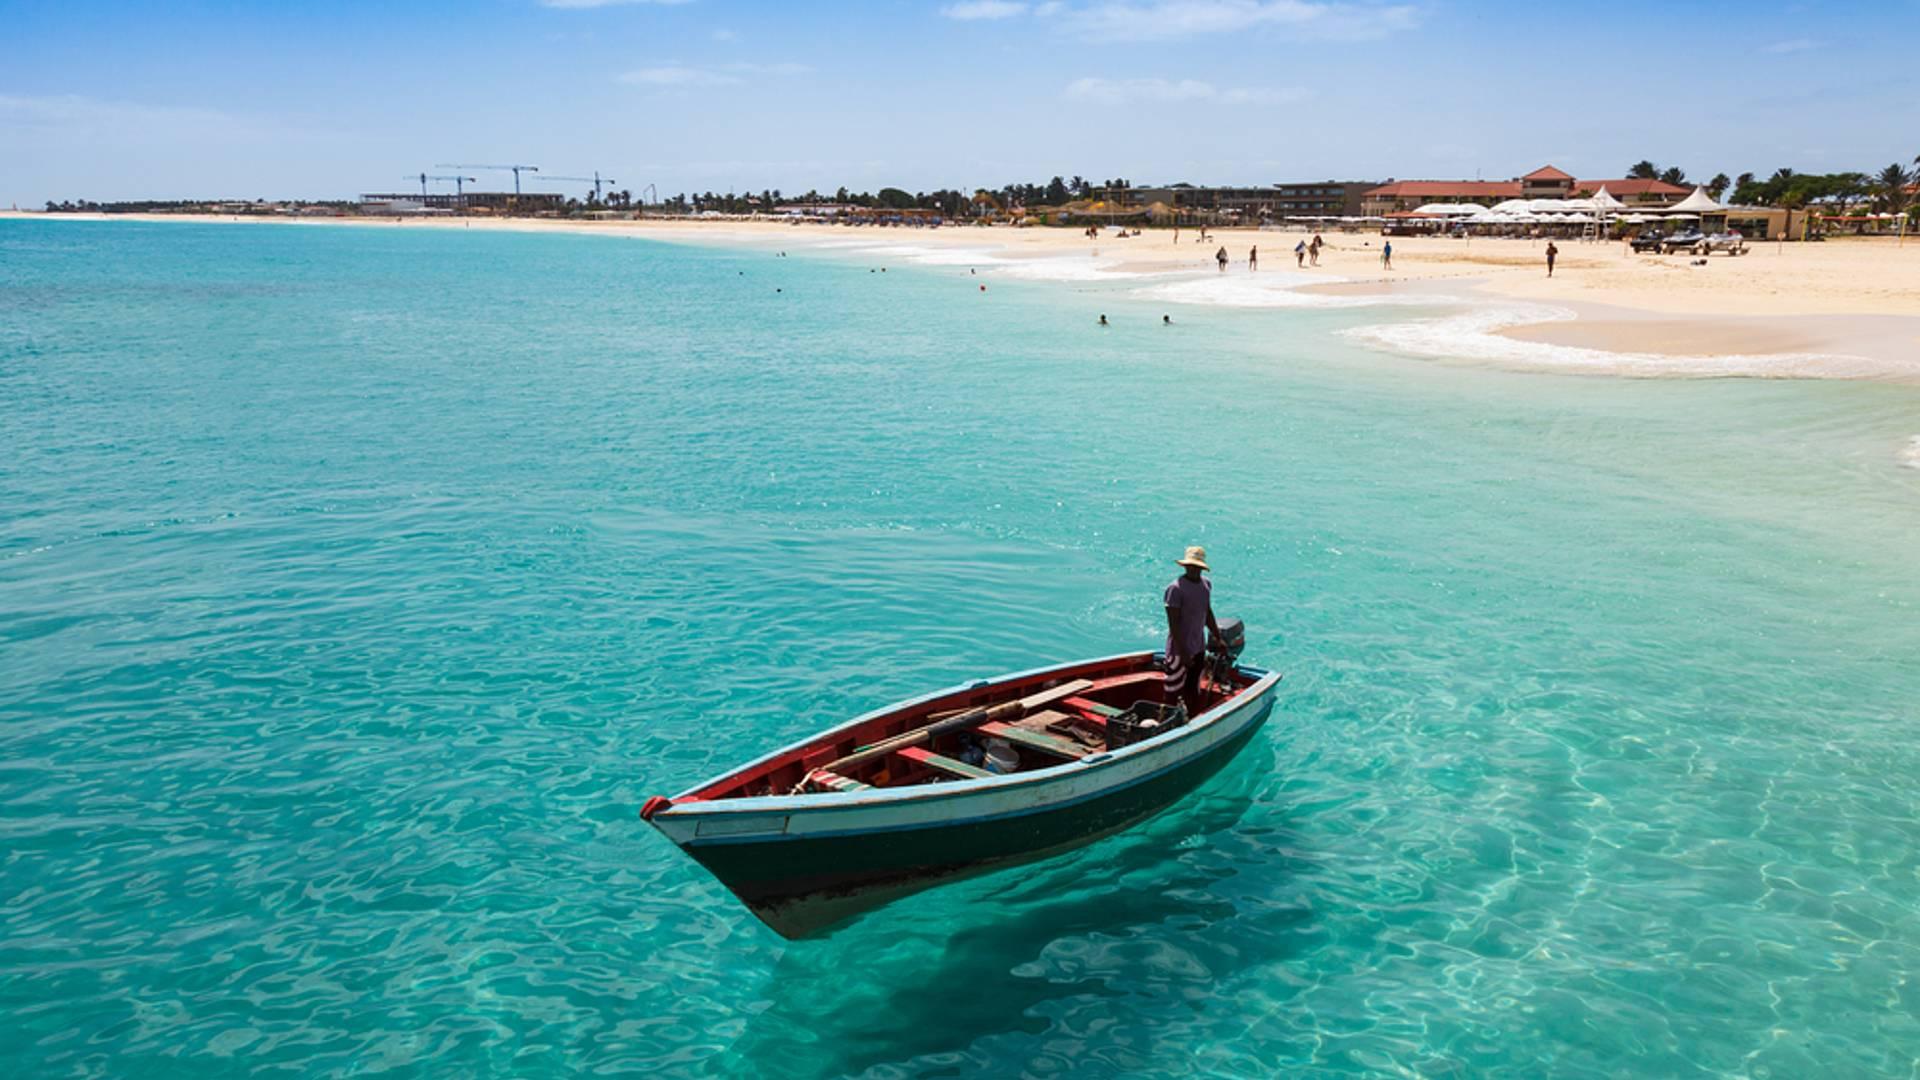 Naturaleza y playas paradisíacas